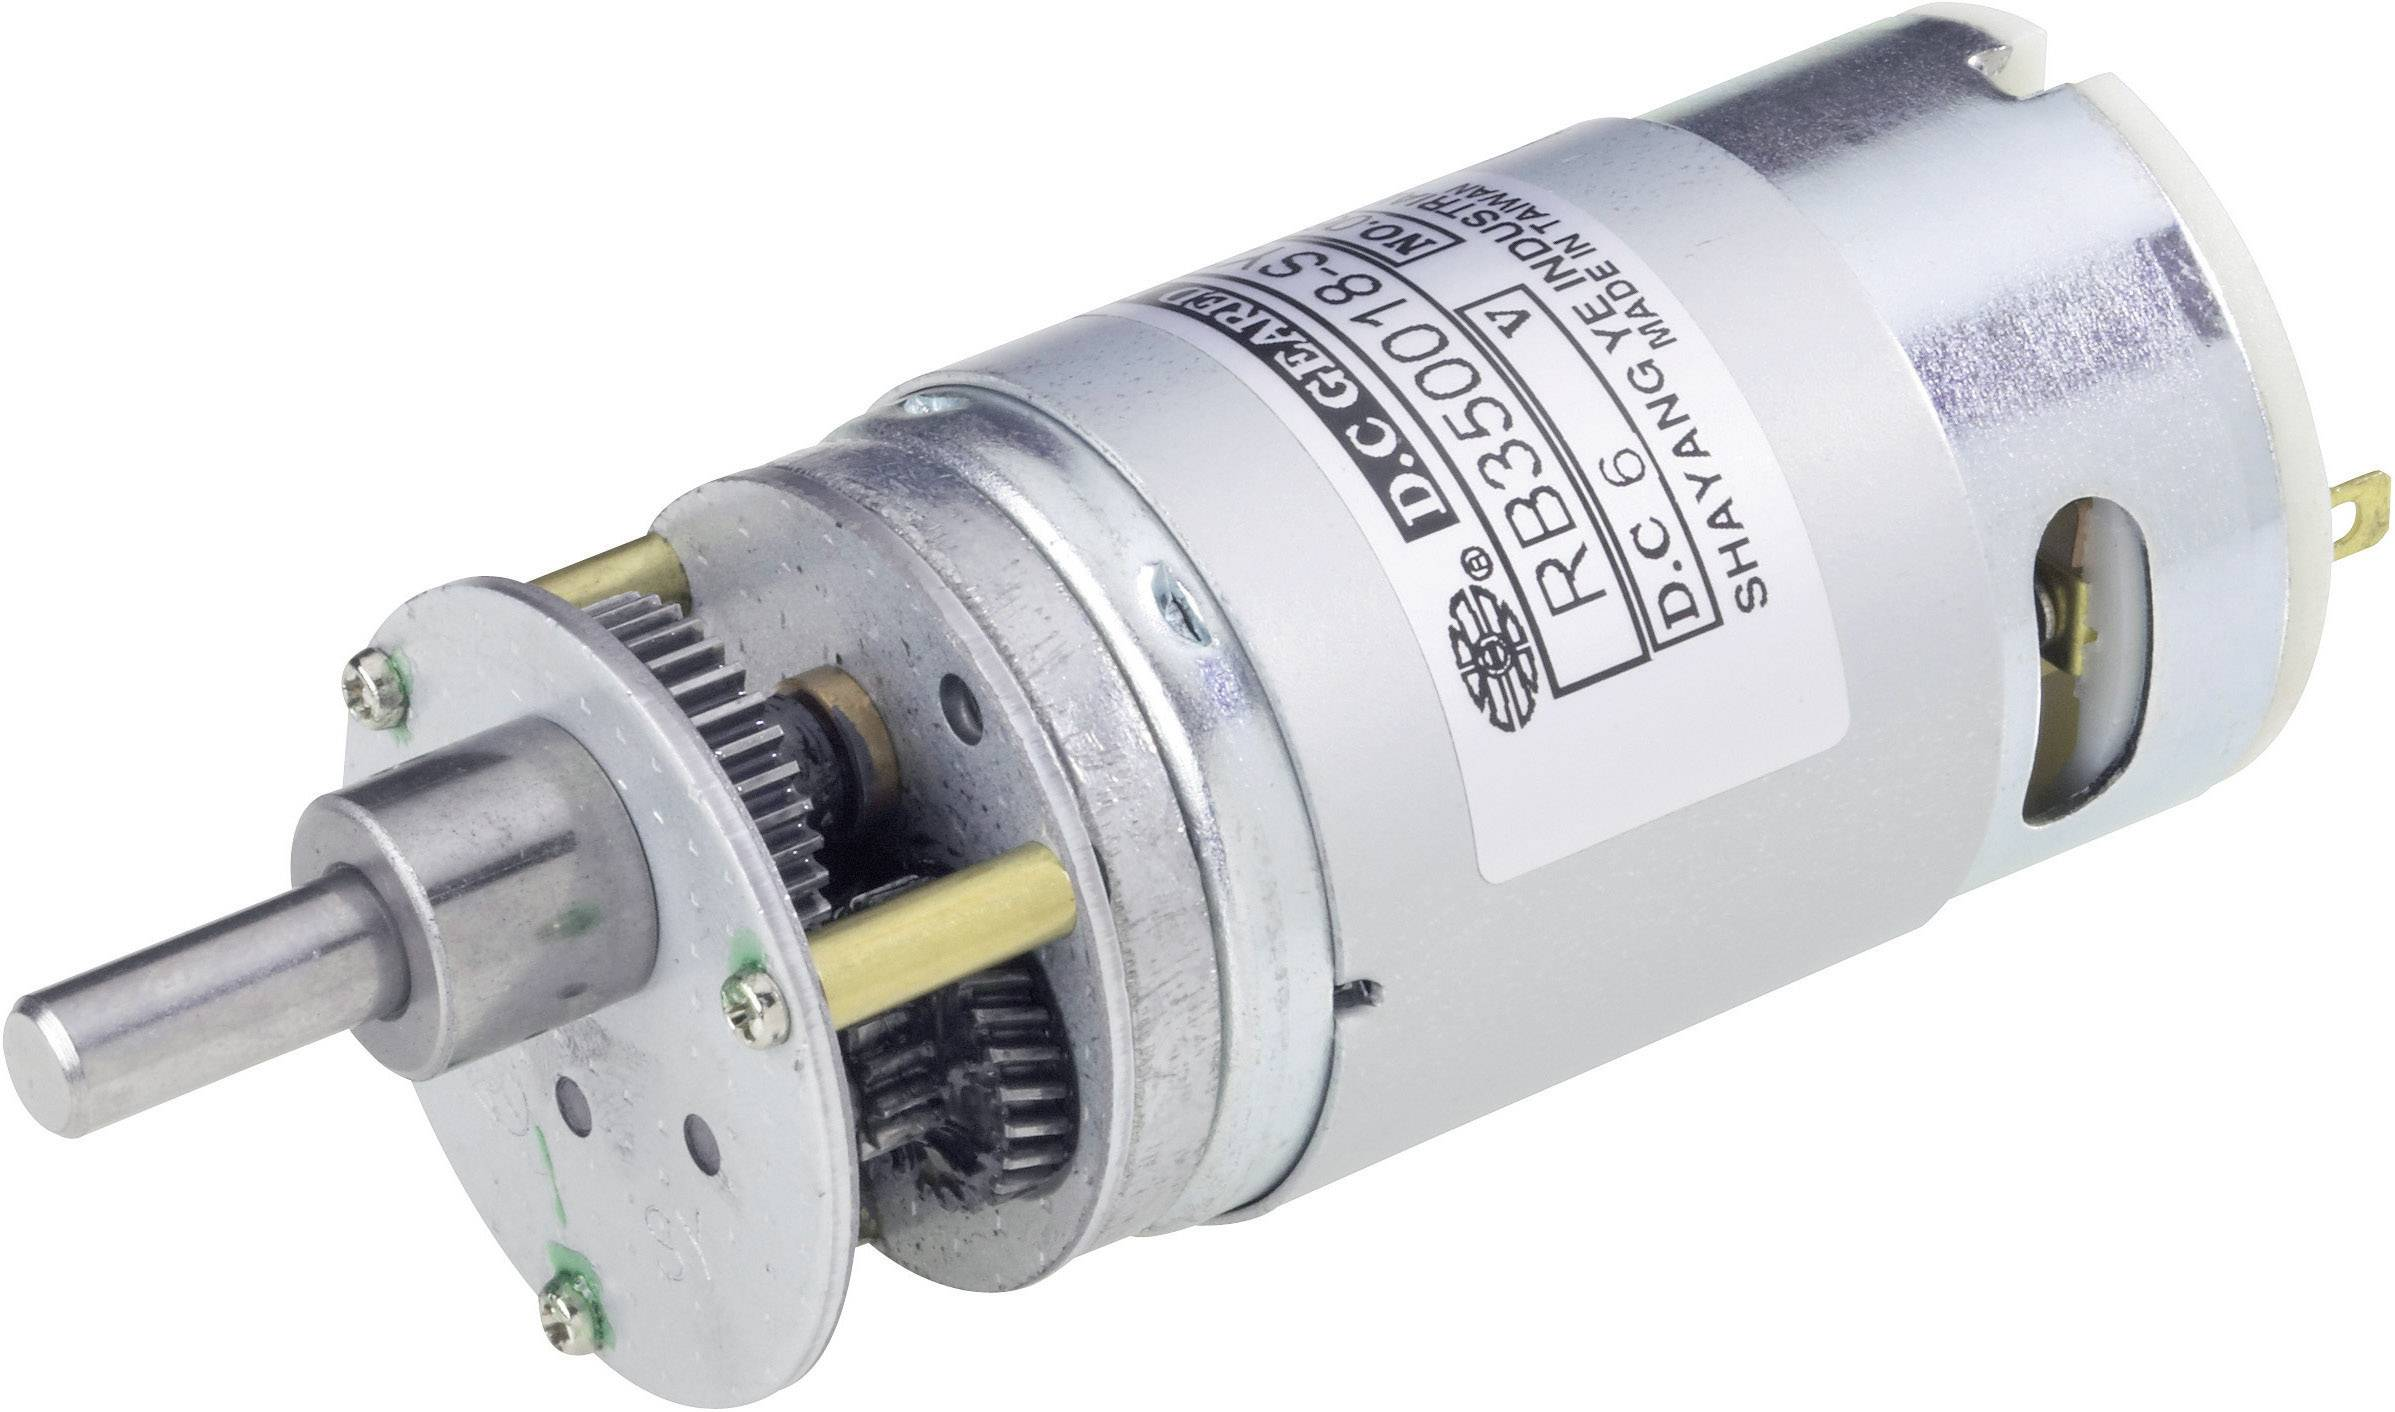 Vysoce výkonný motor Modelcraft RB350050-22723R, 12 V, 50:1